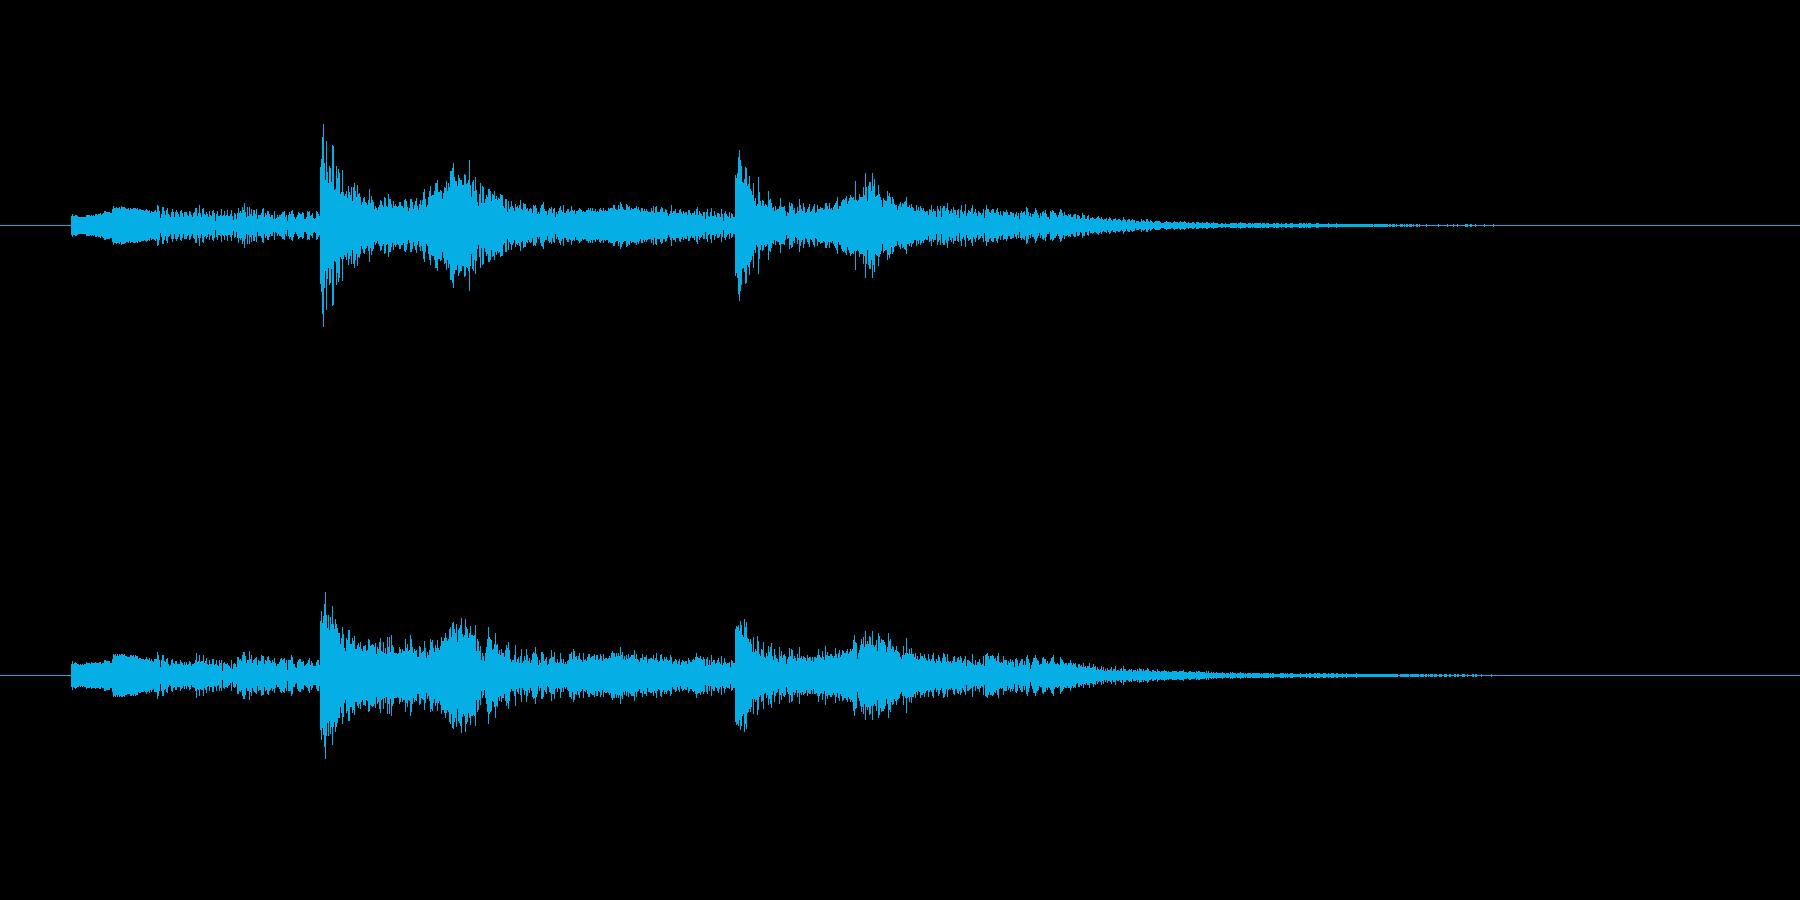 幻想的な和洋折衷な音楽の再生済みの波形